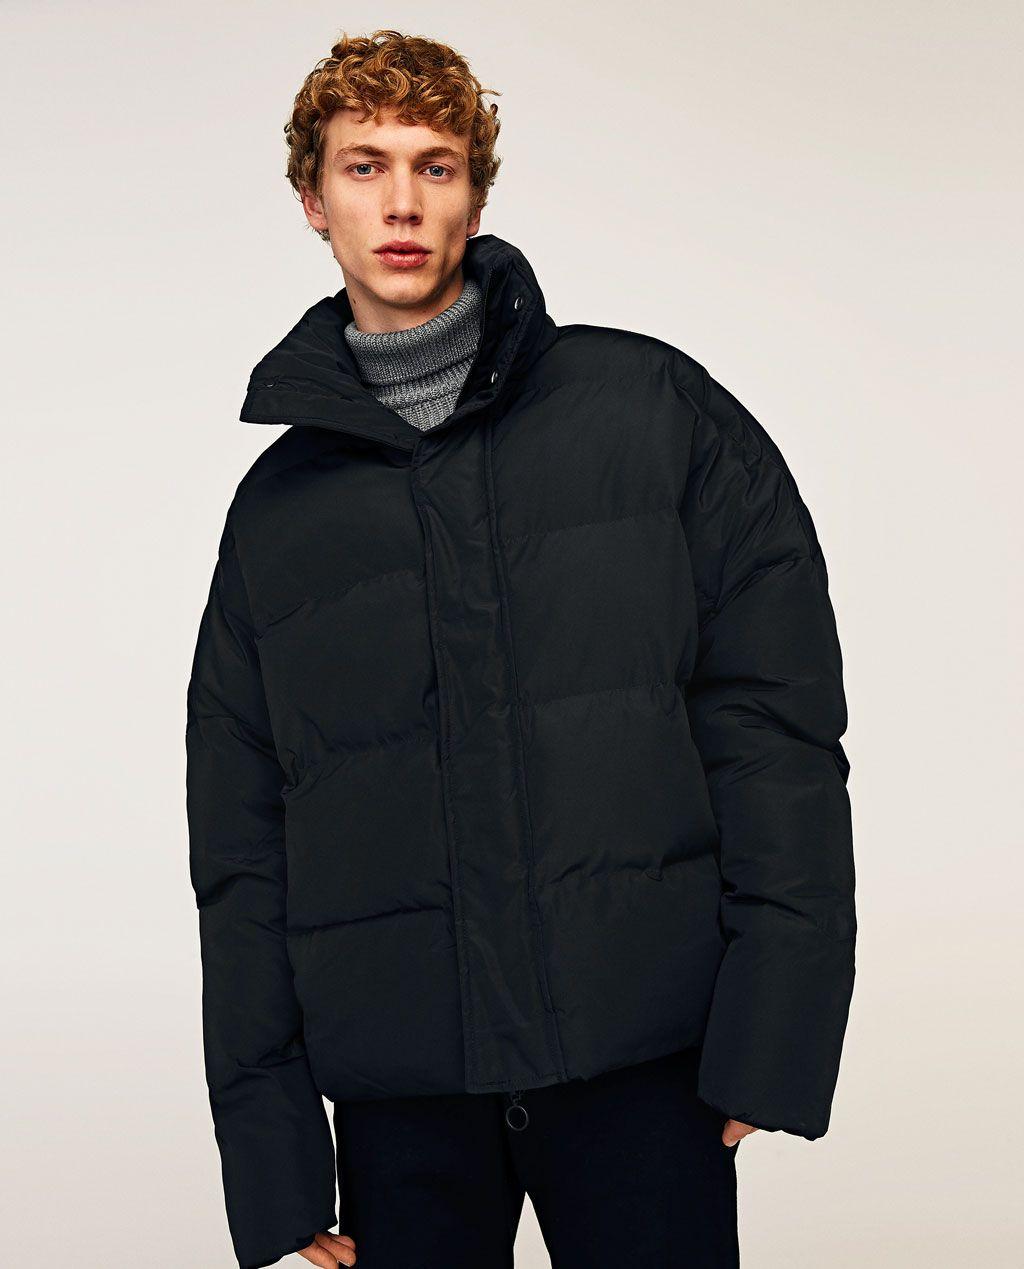 Puffer Jacket New In Man Zara United States Jacken